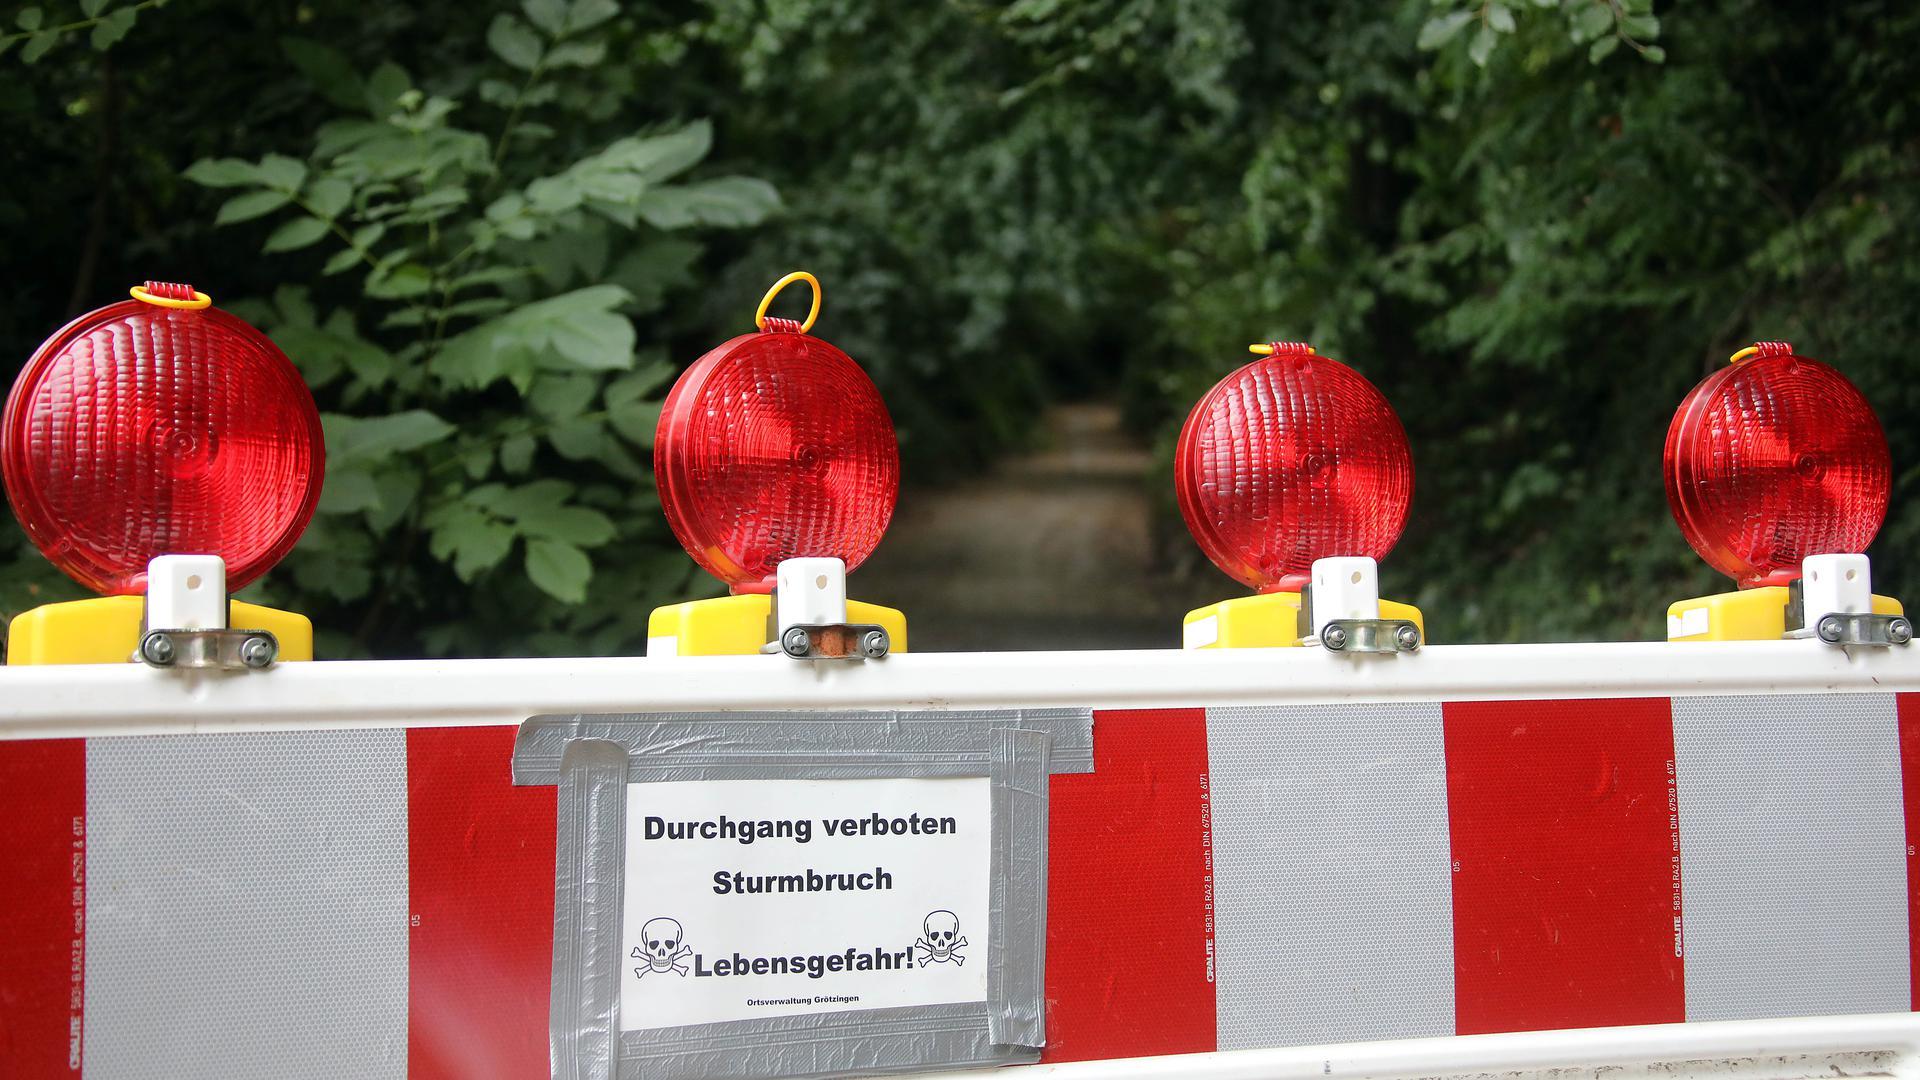 Verbarrikadiert: Die Stadt hat den Zugang zum Grötzinger Hohlweg Ringelberghohl gesperrt und warnt vor dem Durchgang.